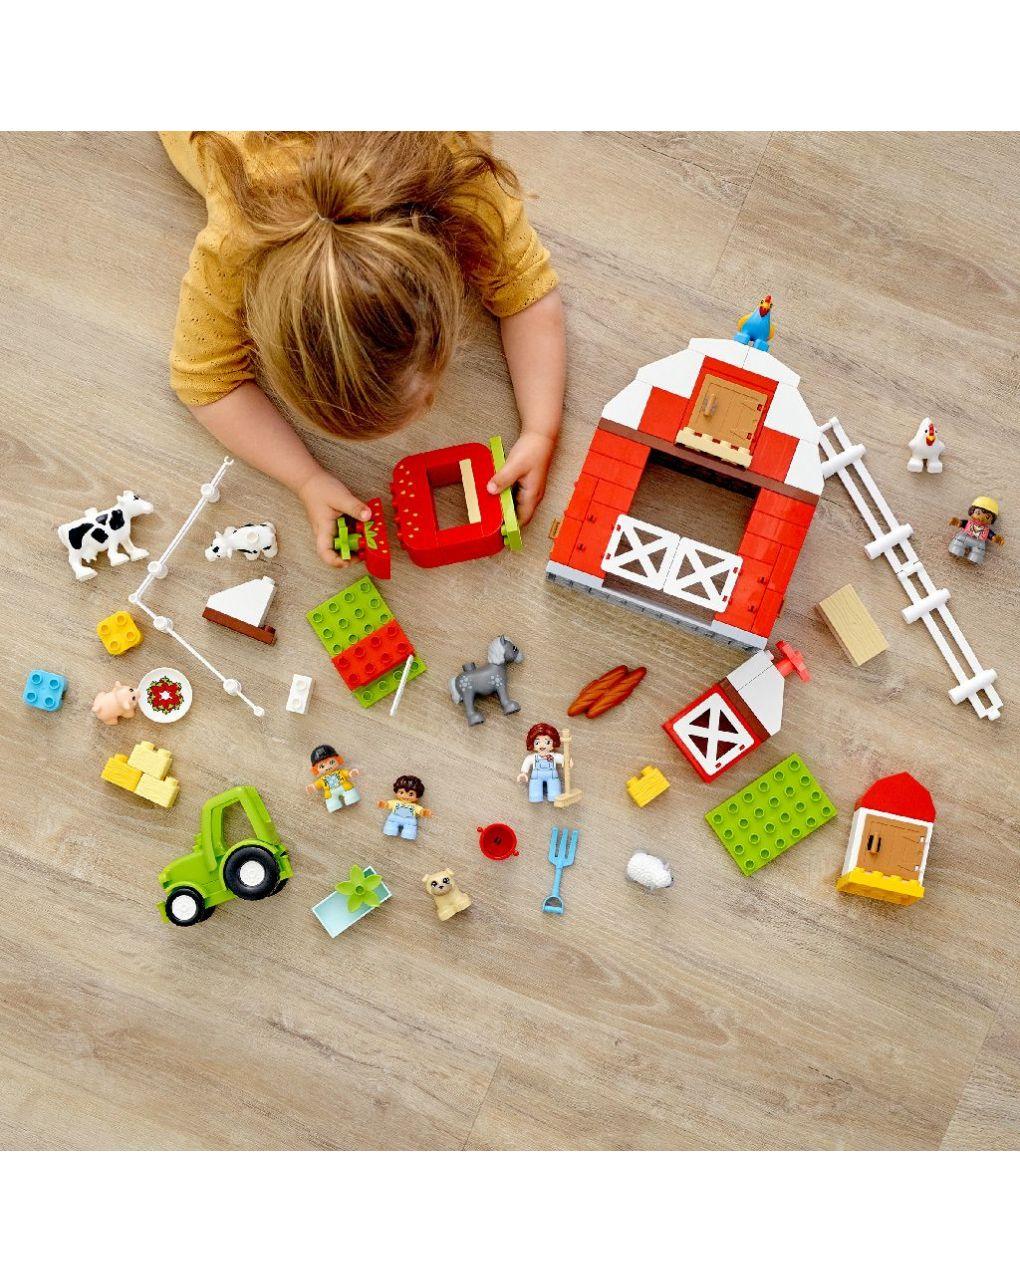 Lego duplo - fattoria con fienile, trattore e animaletti - LEGO Duplo